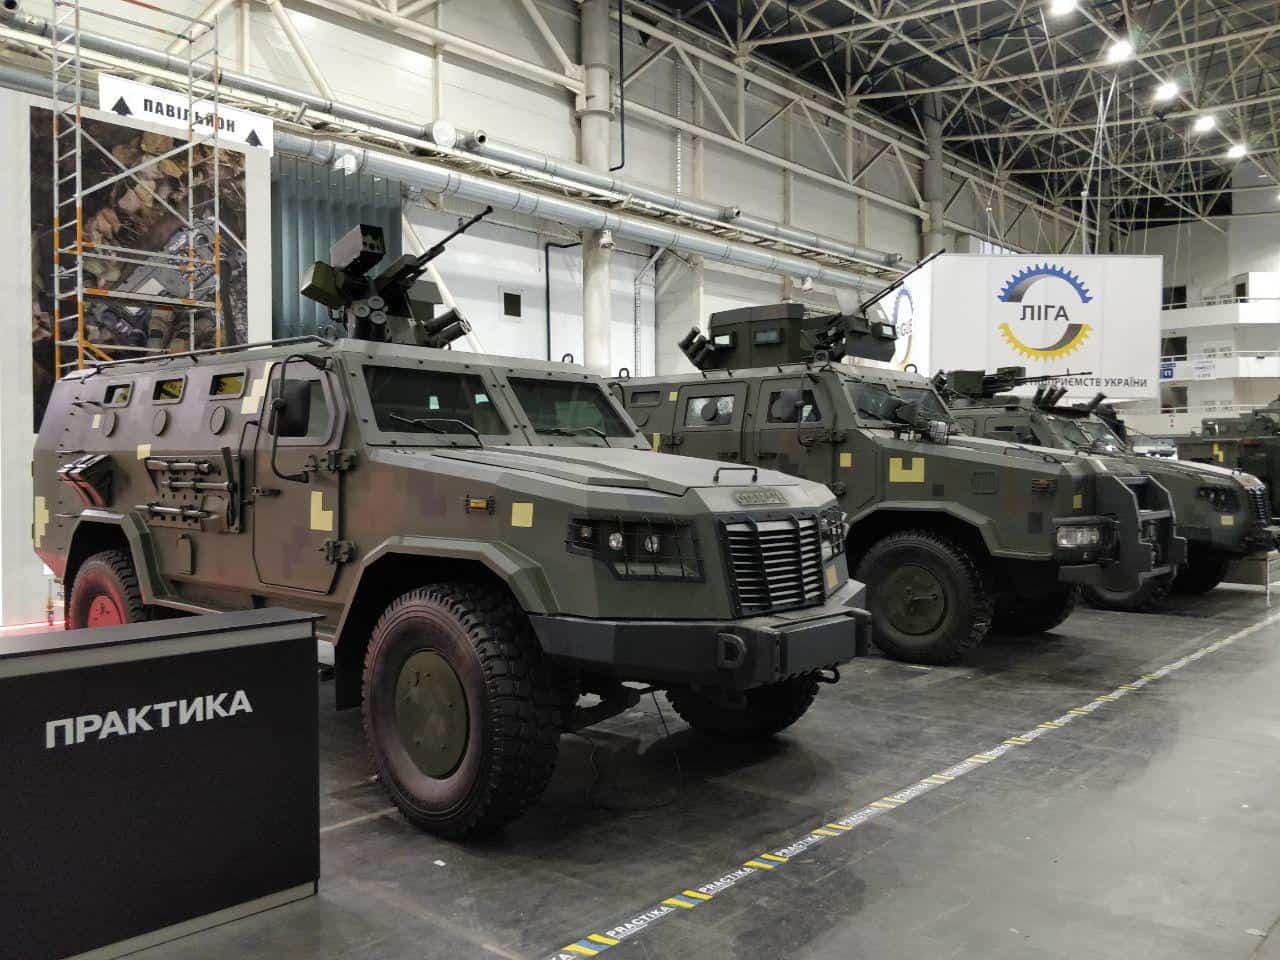 Зброя та безпека-2019: у Києві починає роботу виставка озброєння